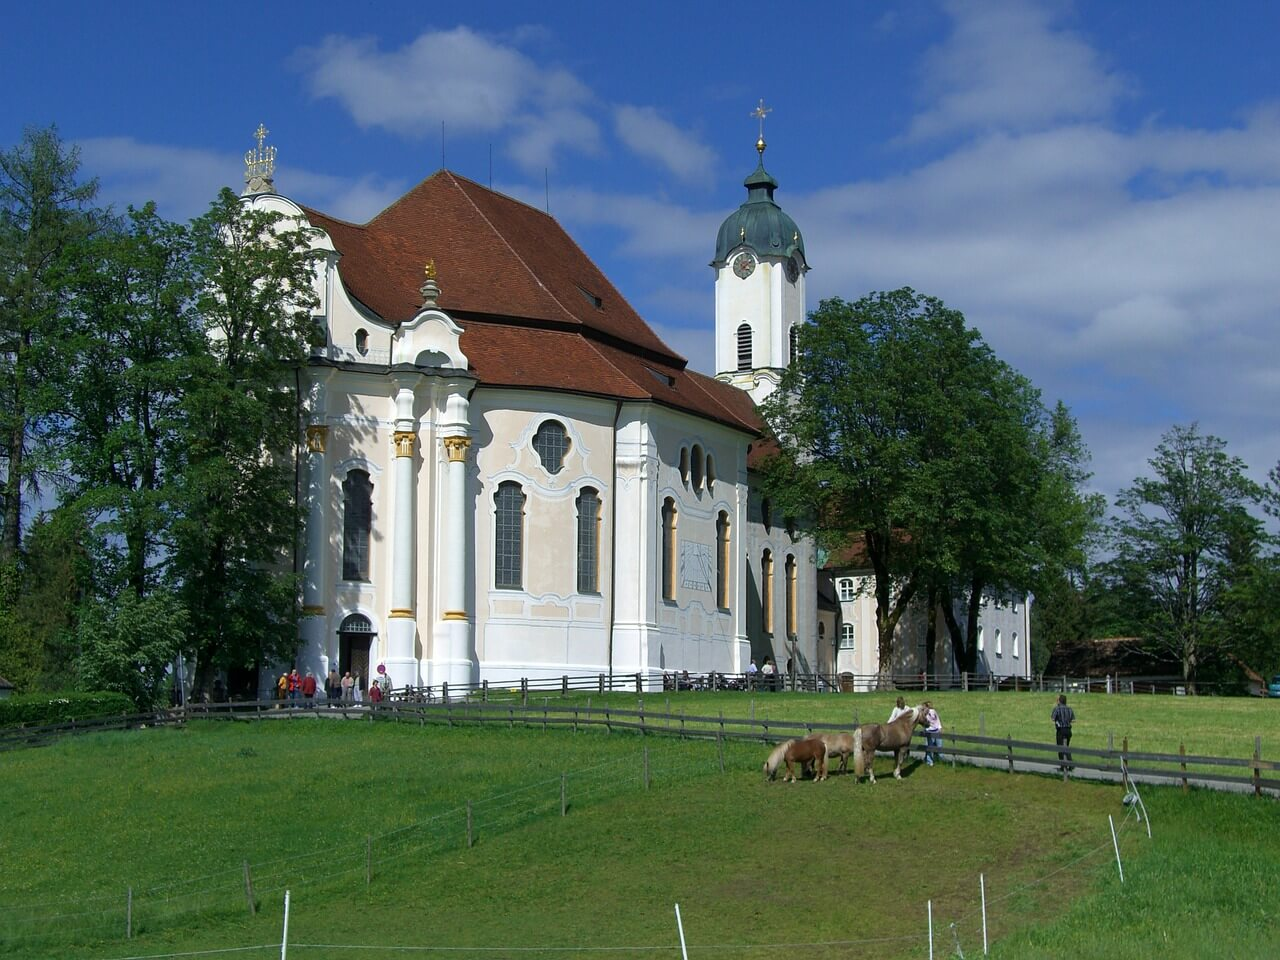 ヴィースの巡礼教会の画像 p1_36